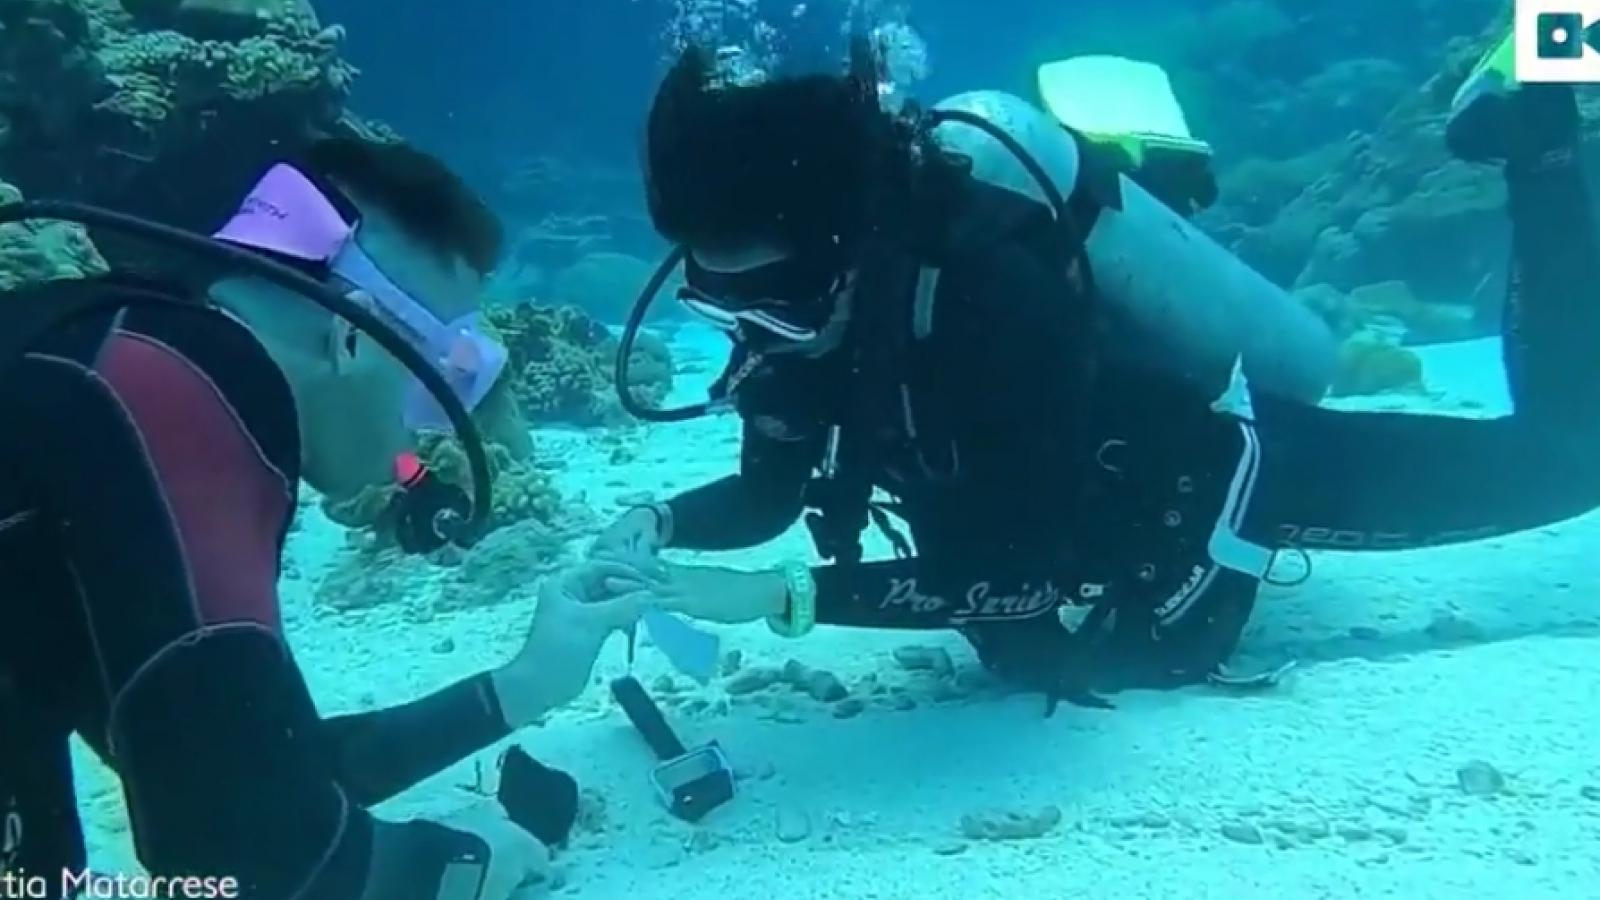 Video: Cặp đôi mạo hiểm đính hôn khi lặn dưới đáy biển, ở độ sâu 10m